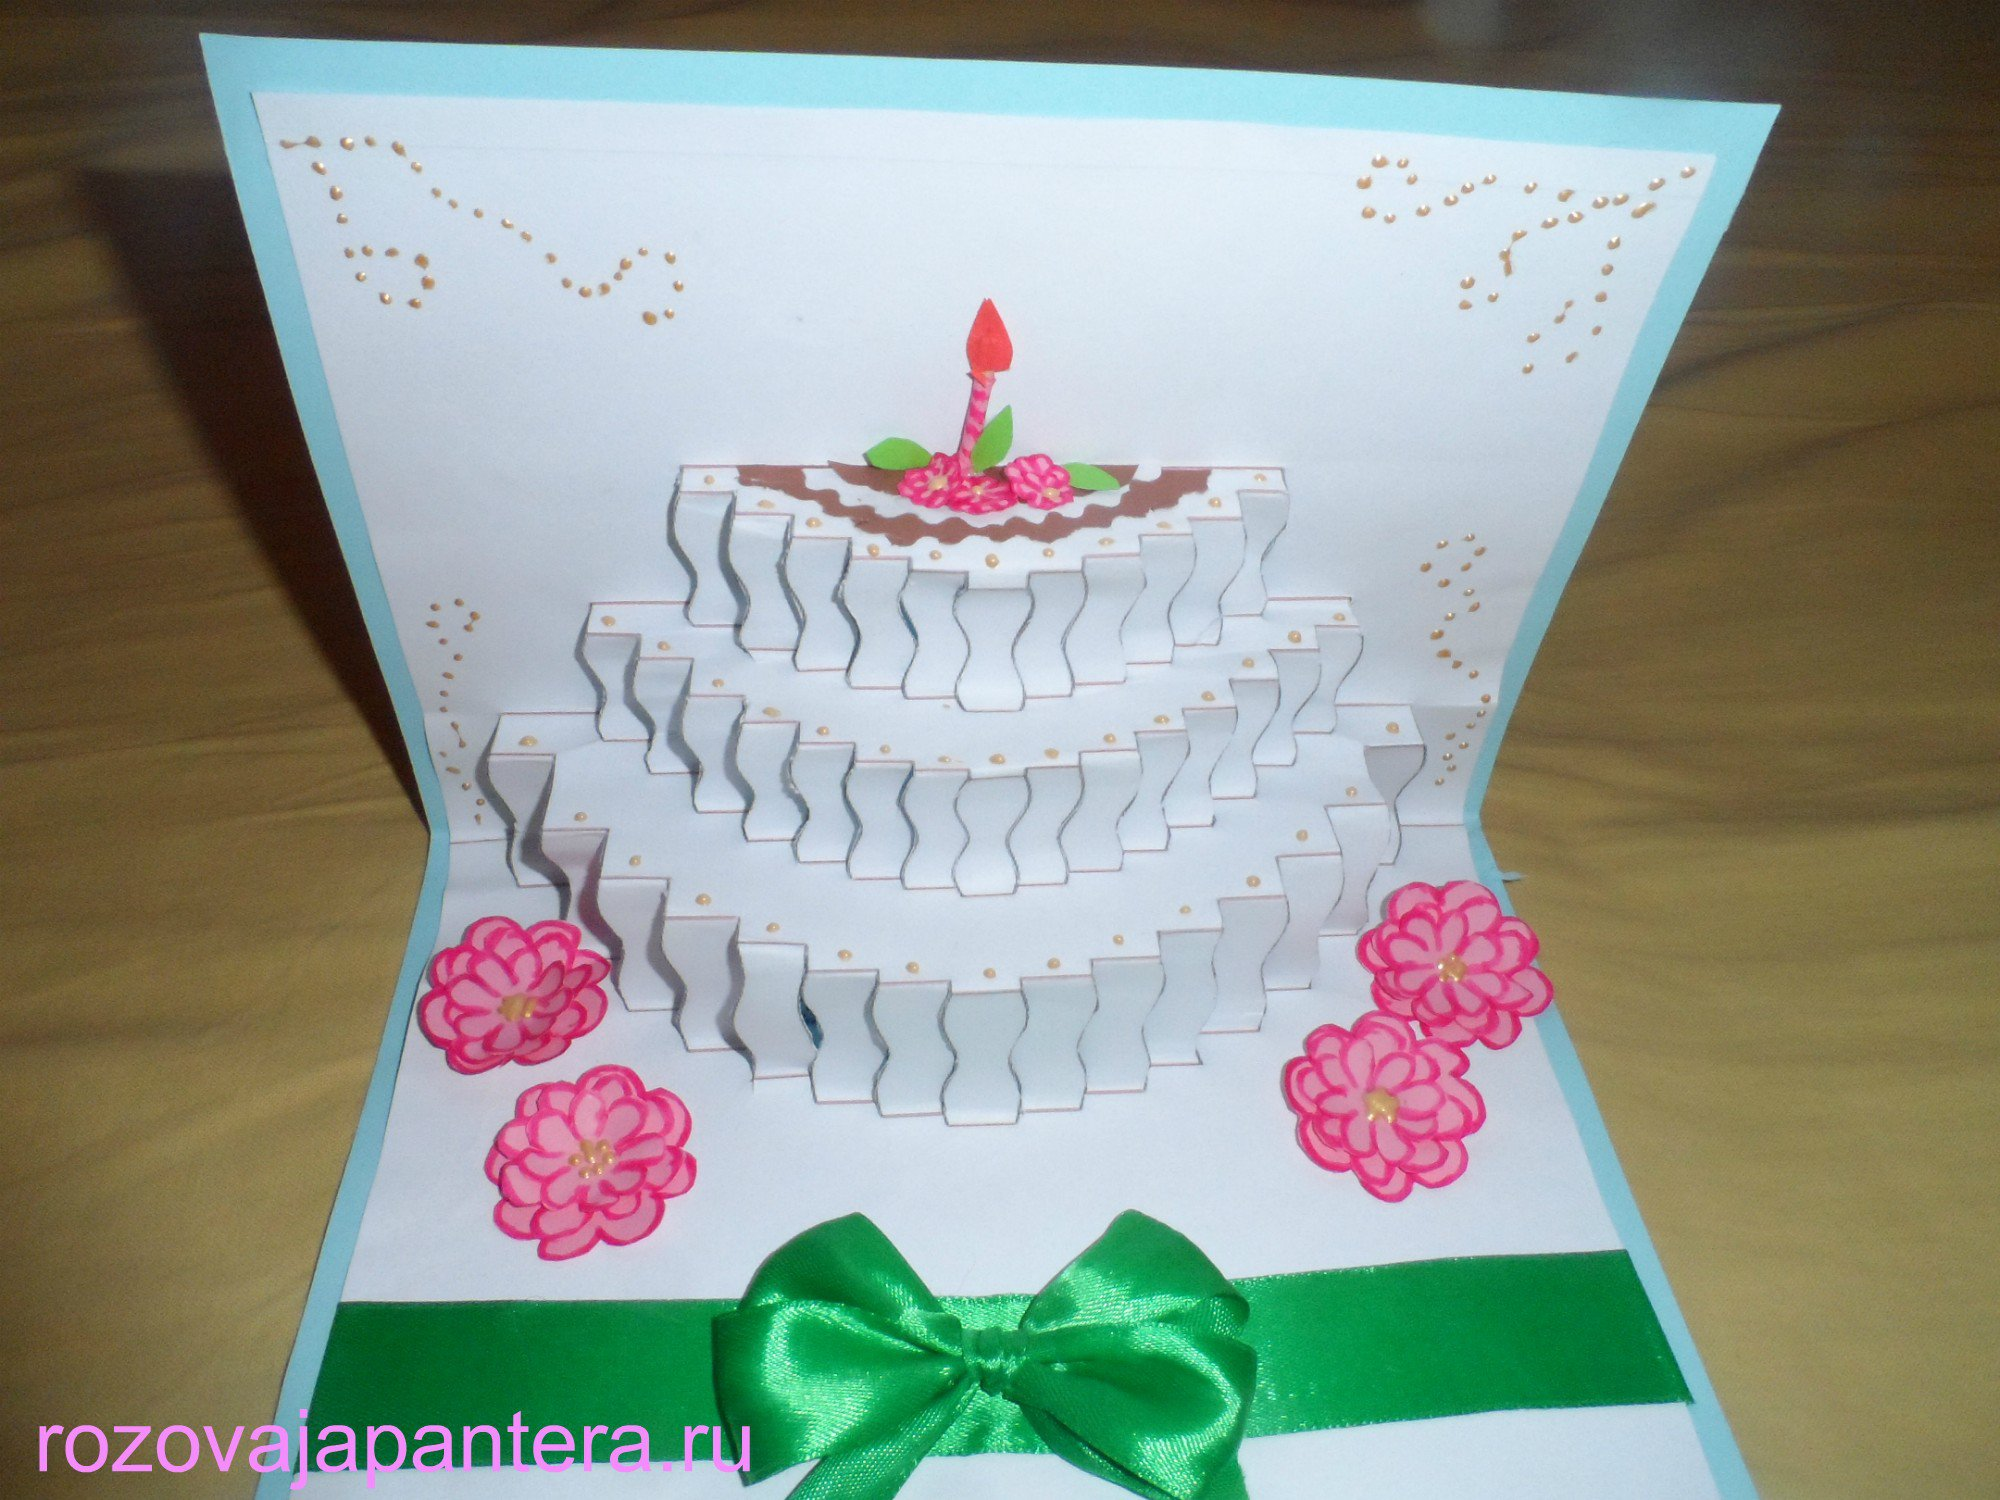 Объемная открытка для тети на день рождения, анимации